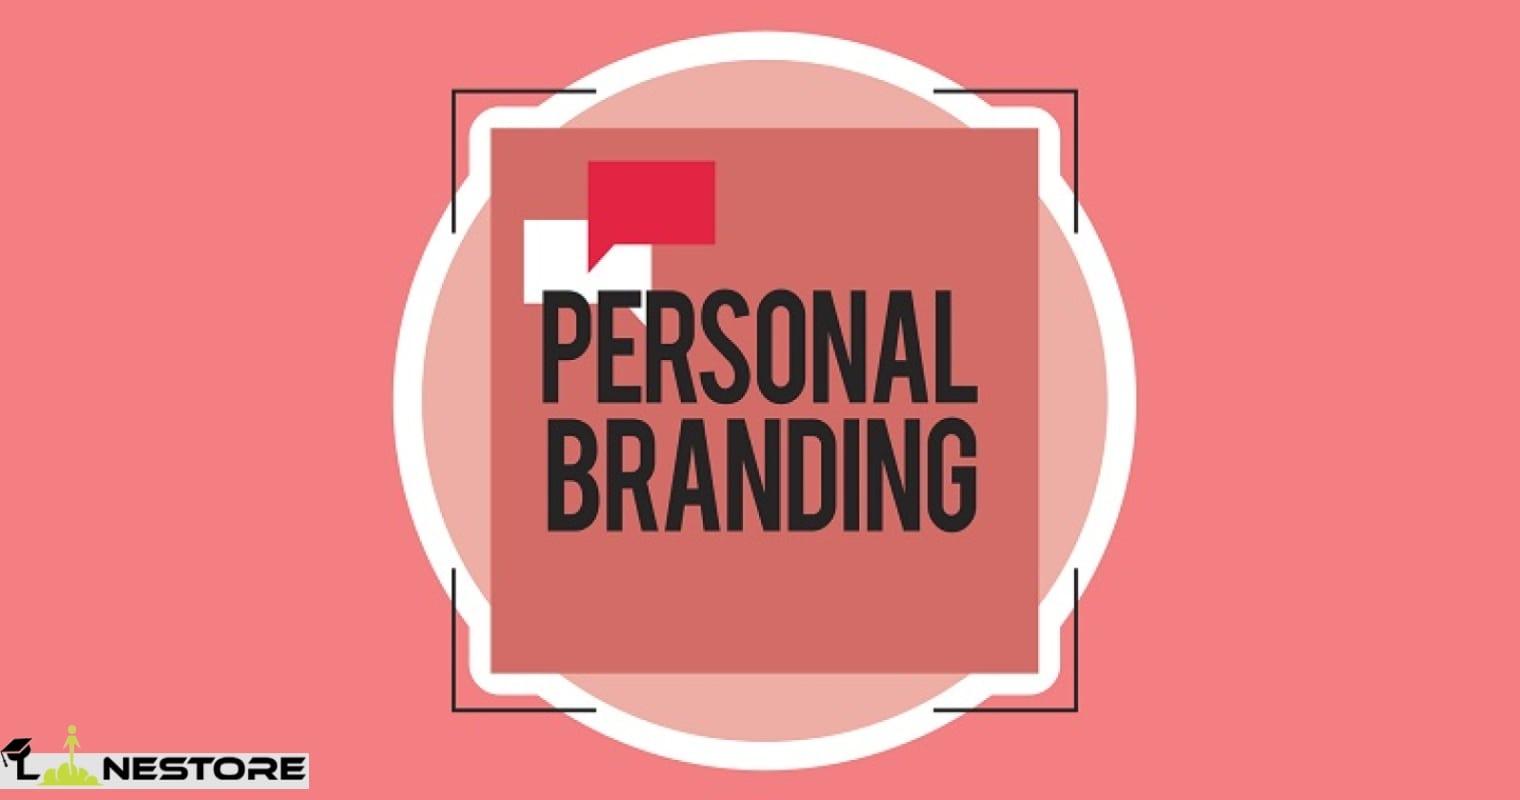 برند سازی شخصی (Personal Branding) در کسب و کار چه اهمیتی دارد؟